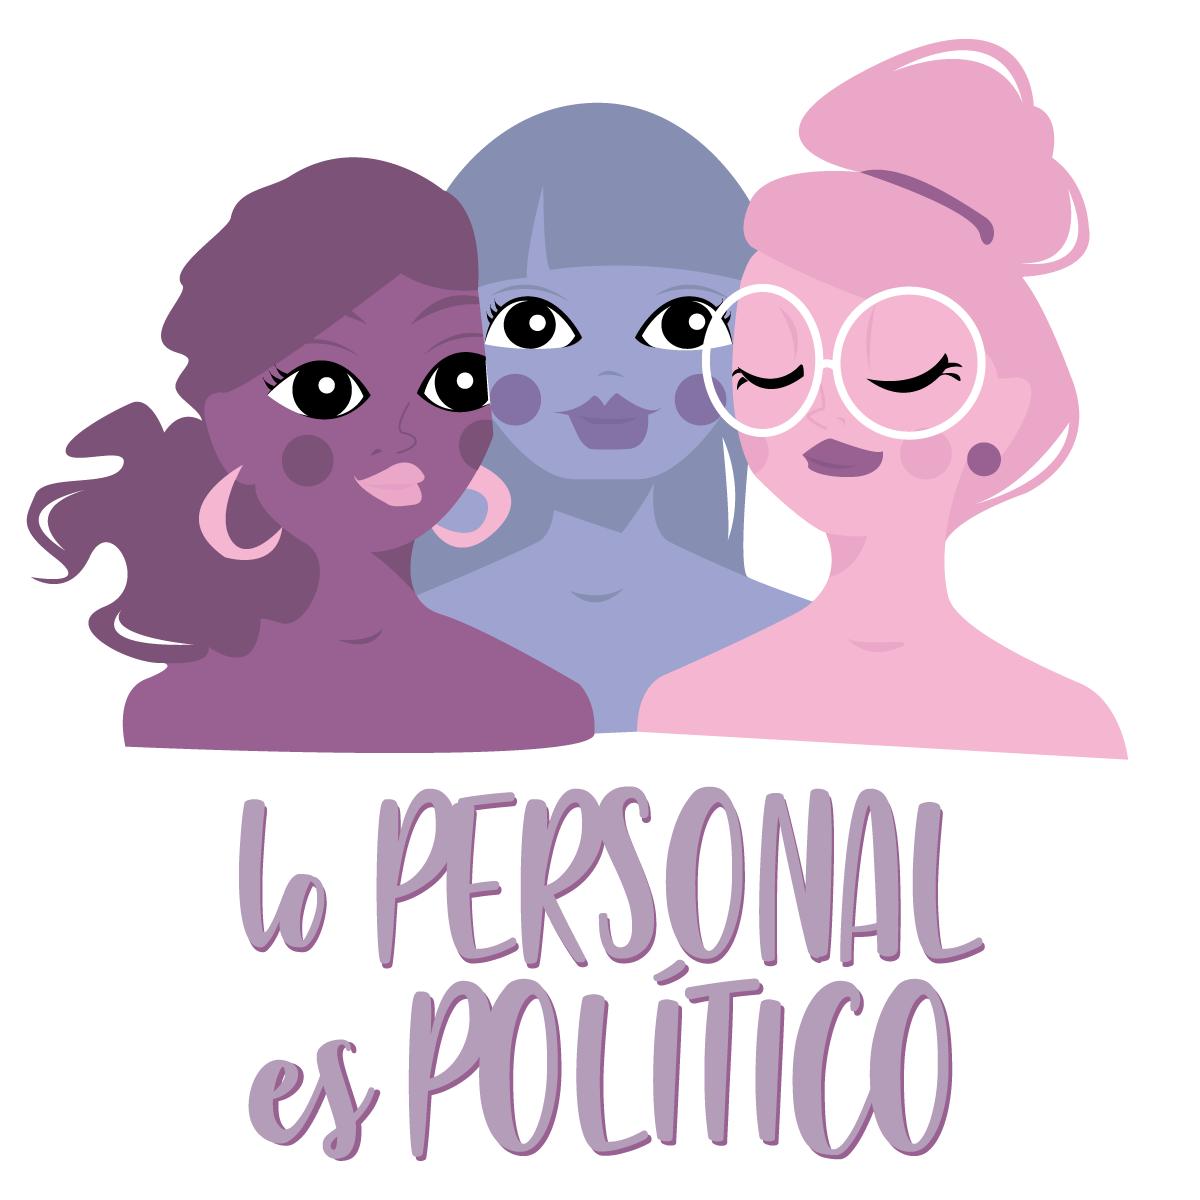 Lo personal es político